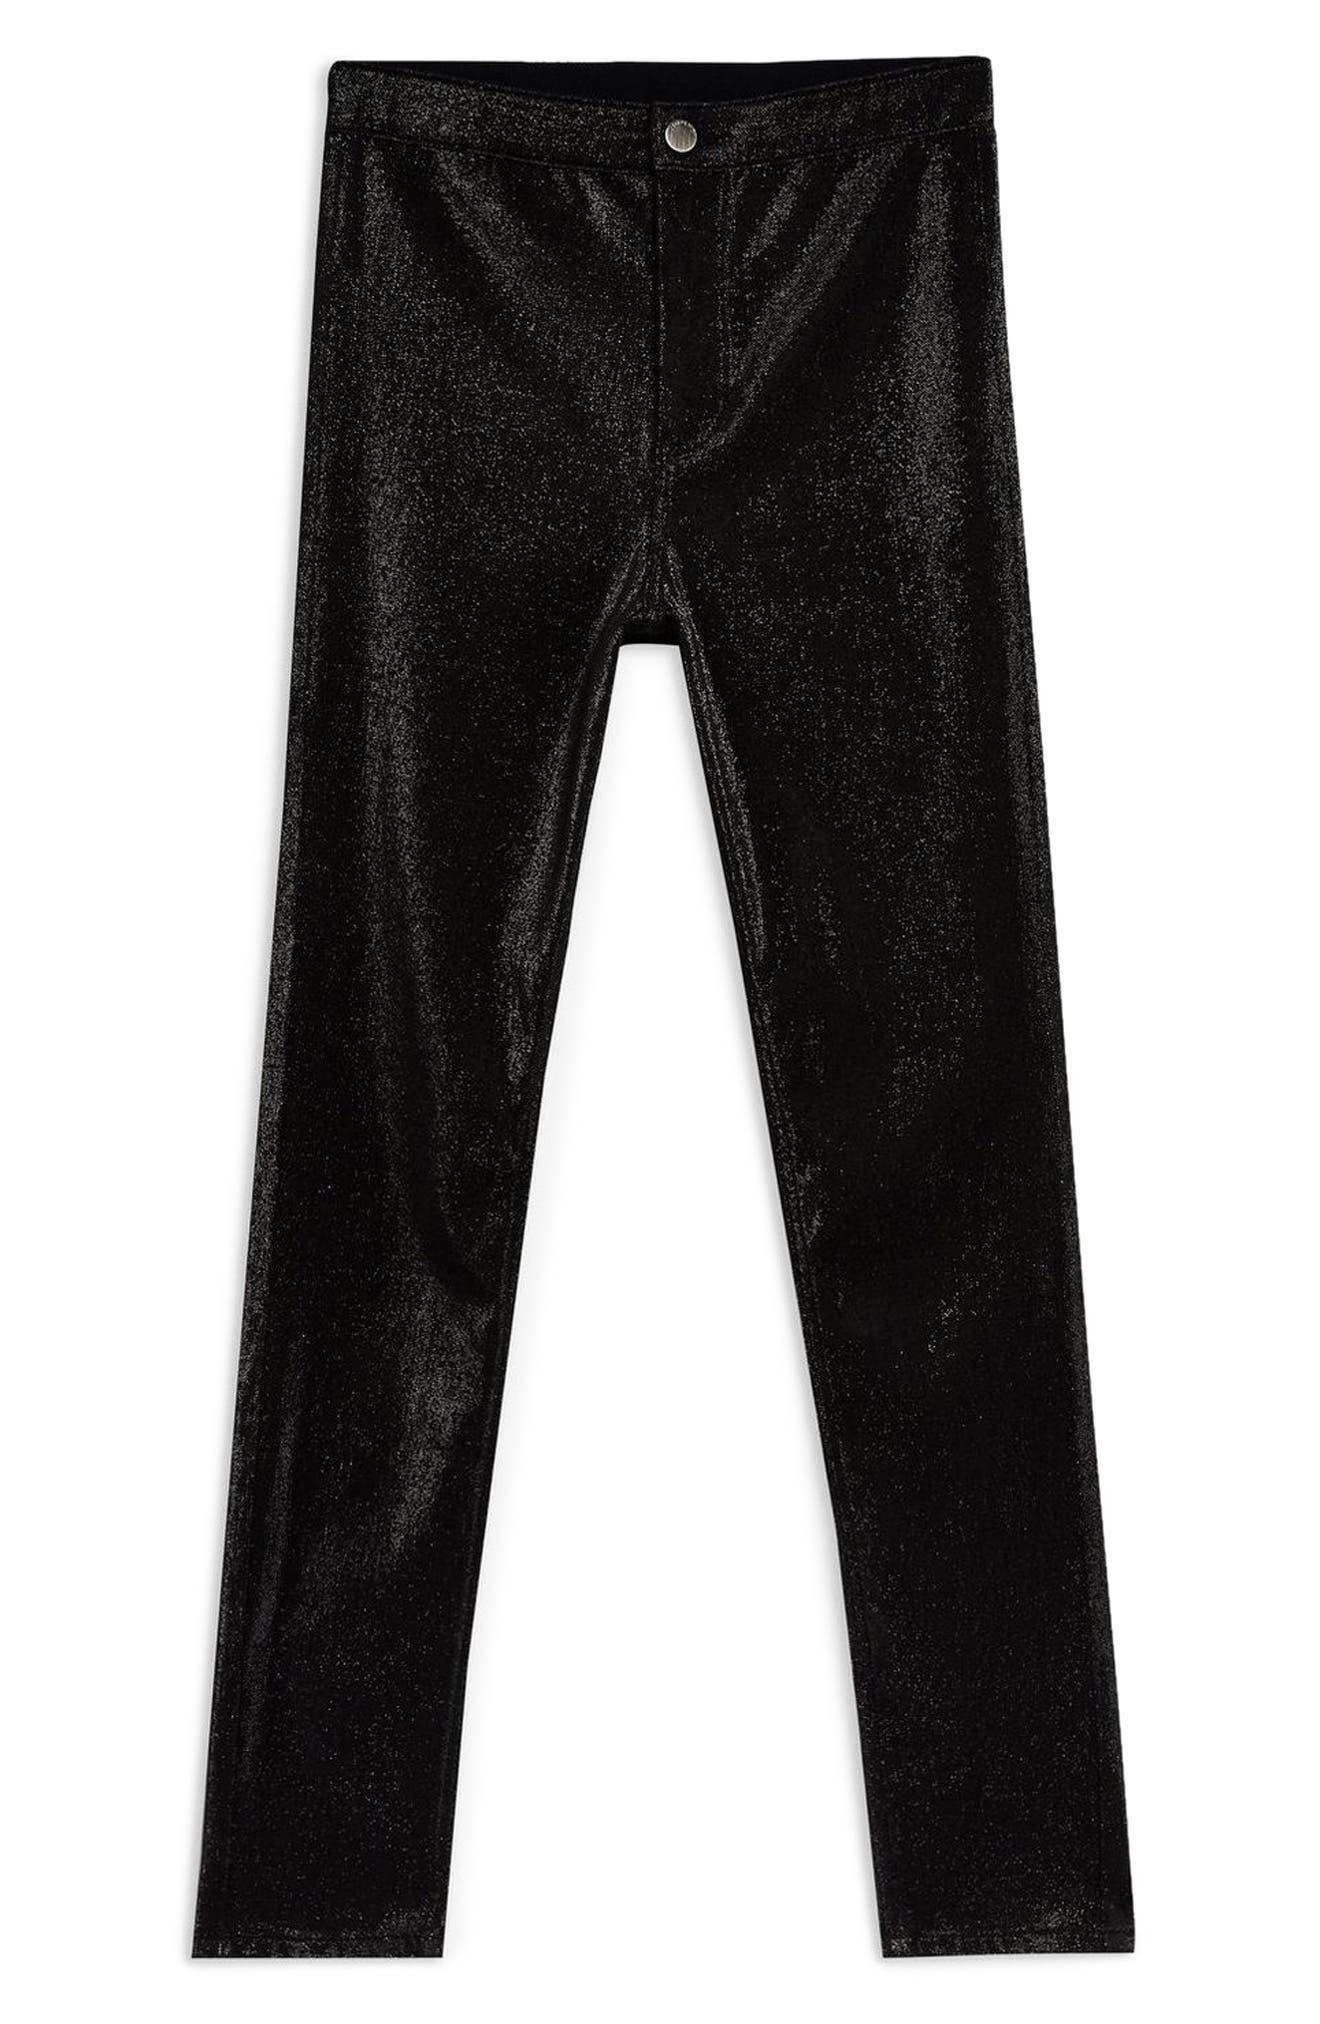 TOPSHOP, Joni Metallic Jeans, Alternate thumbnail 3, color, 001